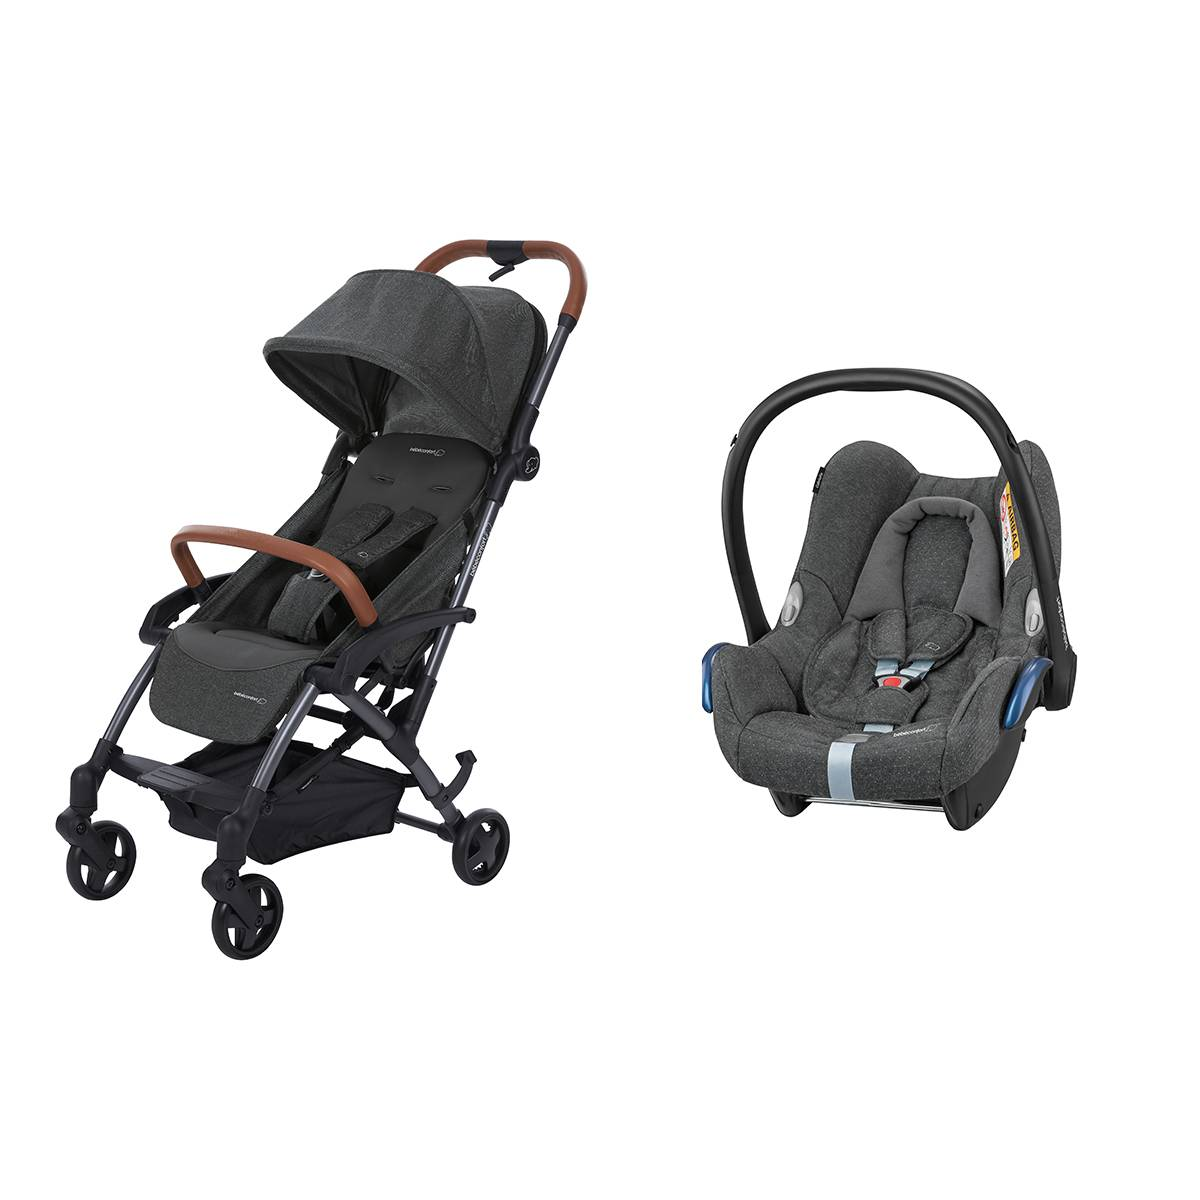 Bébé Confort Poussette Duo Laïka 2 et Siège Auto CabrioFix - Sparkling Grey